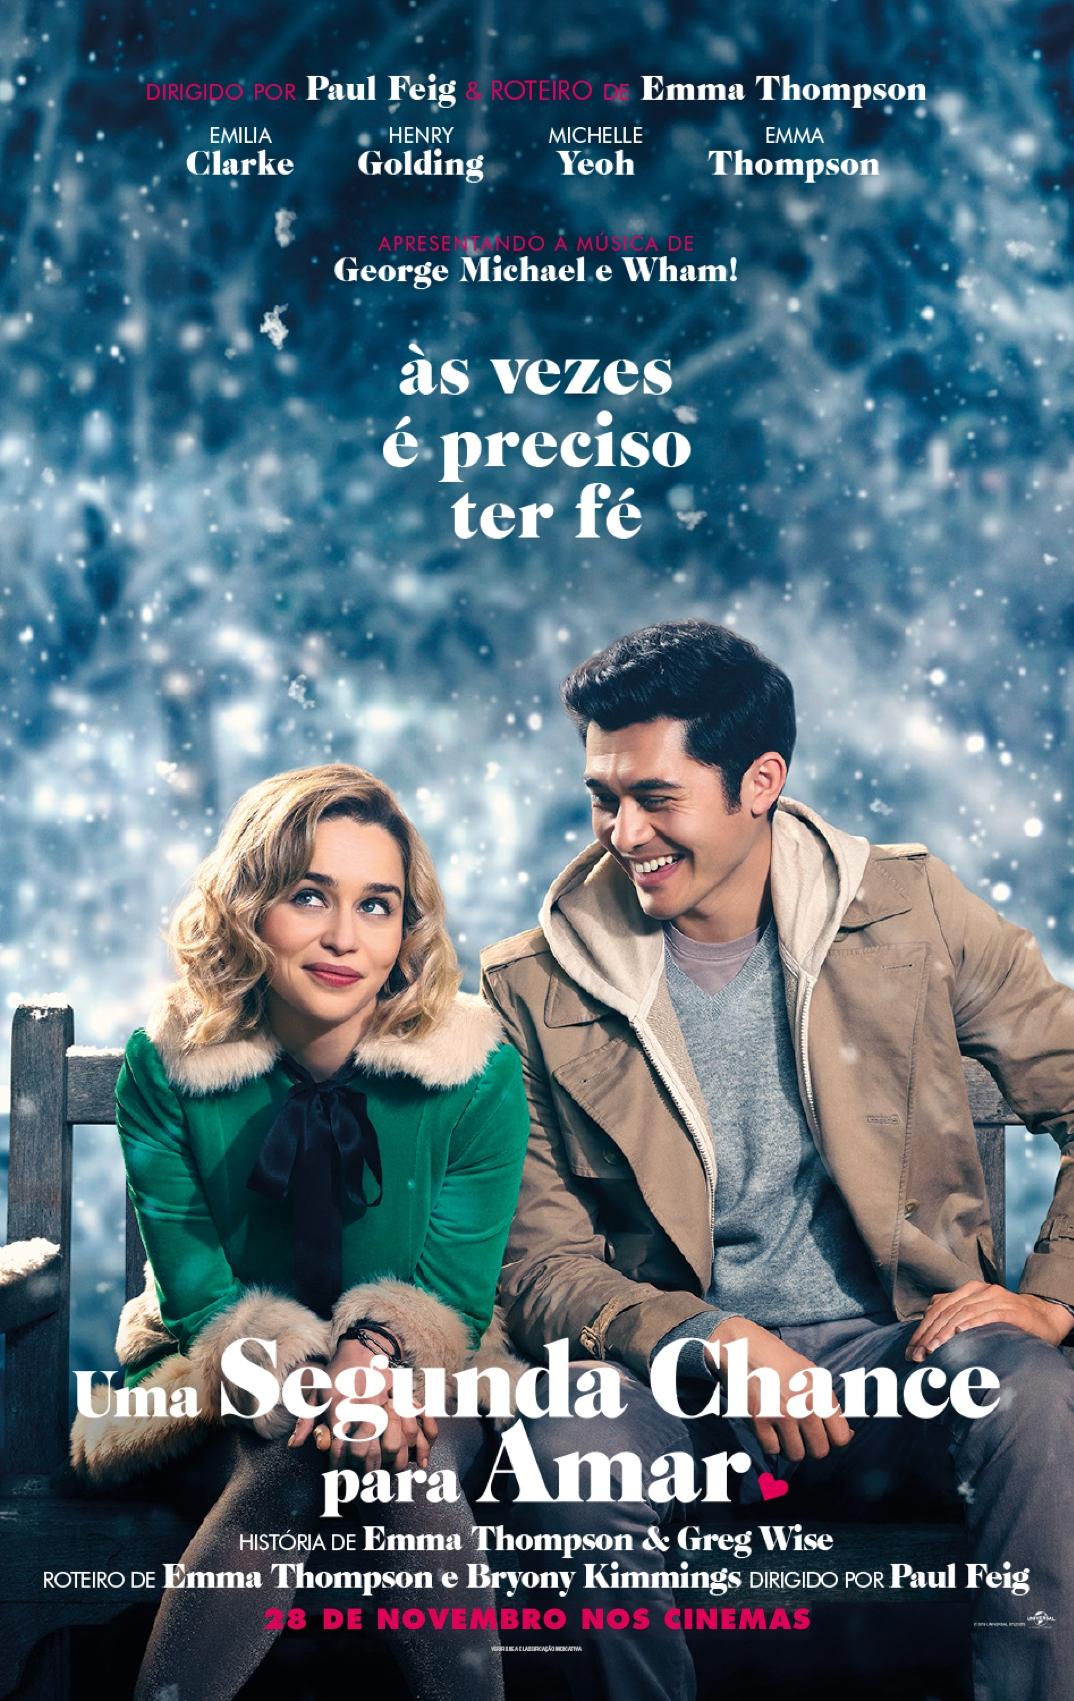 Poster image for Uma Segunda Chance para Amar